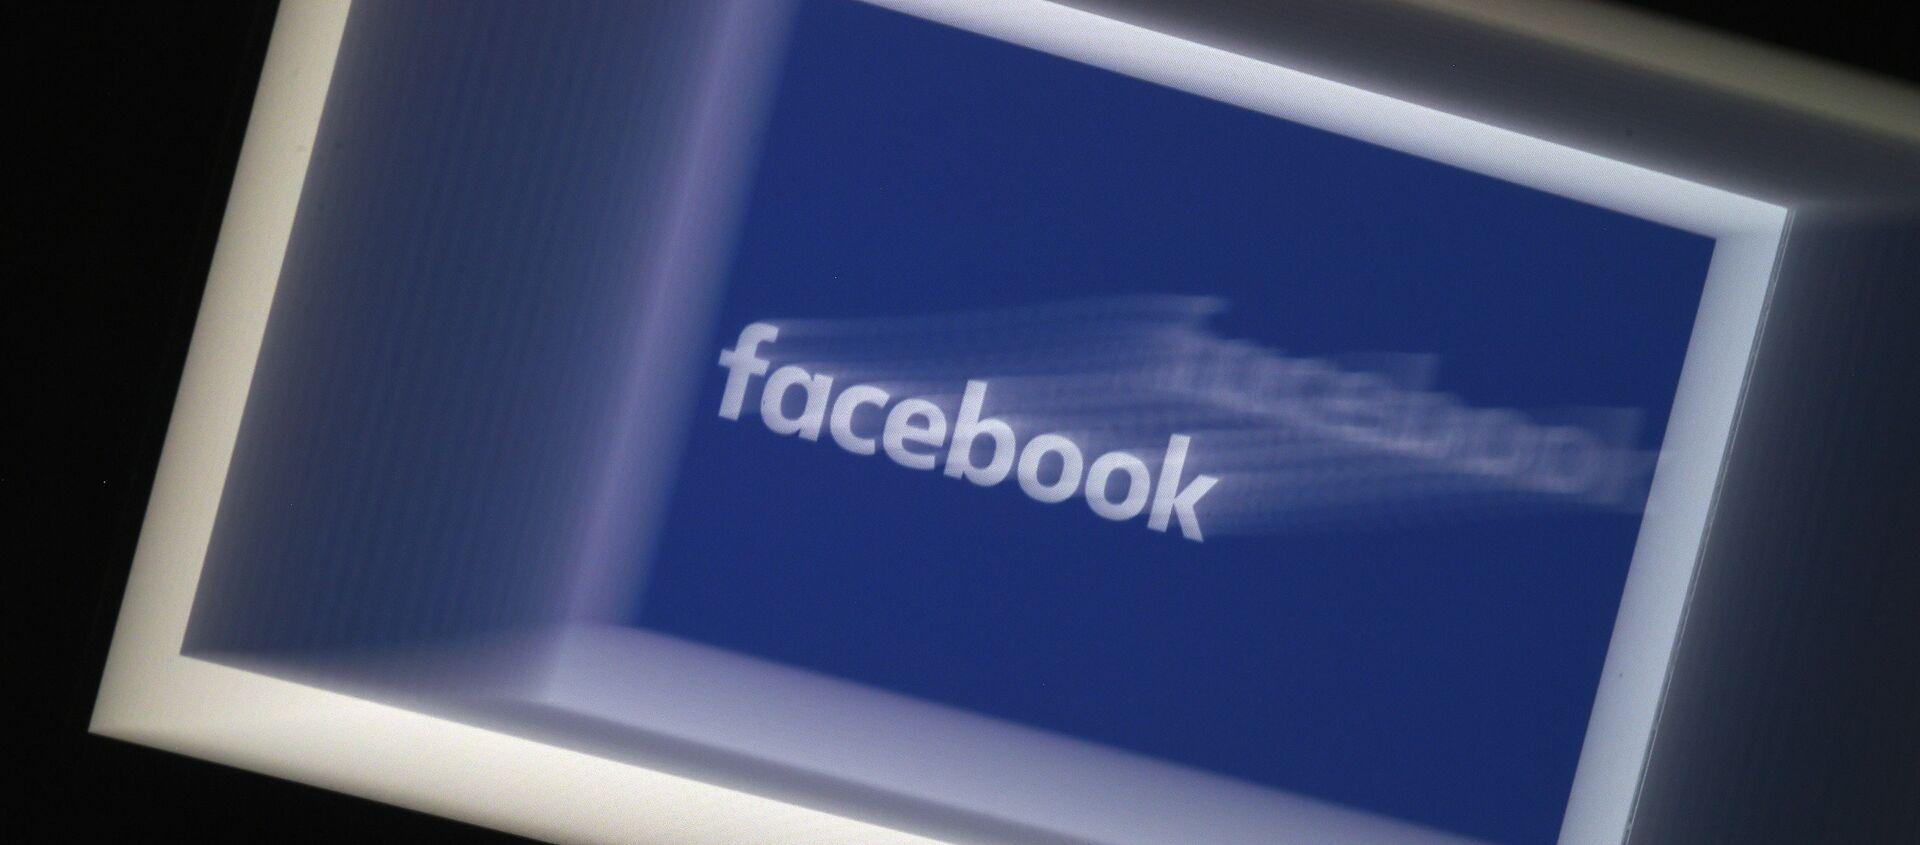 Facebook - Sputnik Ελλάδα, 1920, 29.05.2020